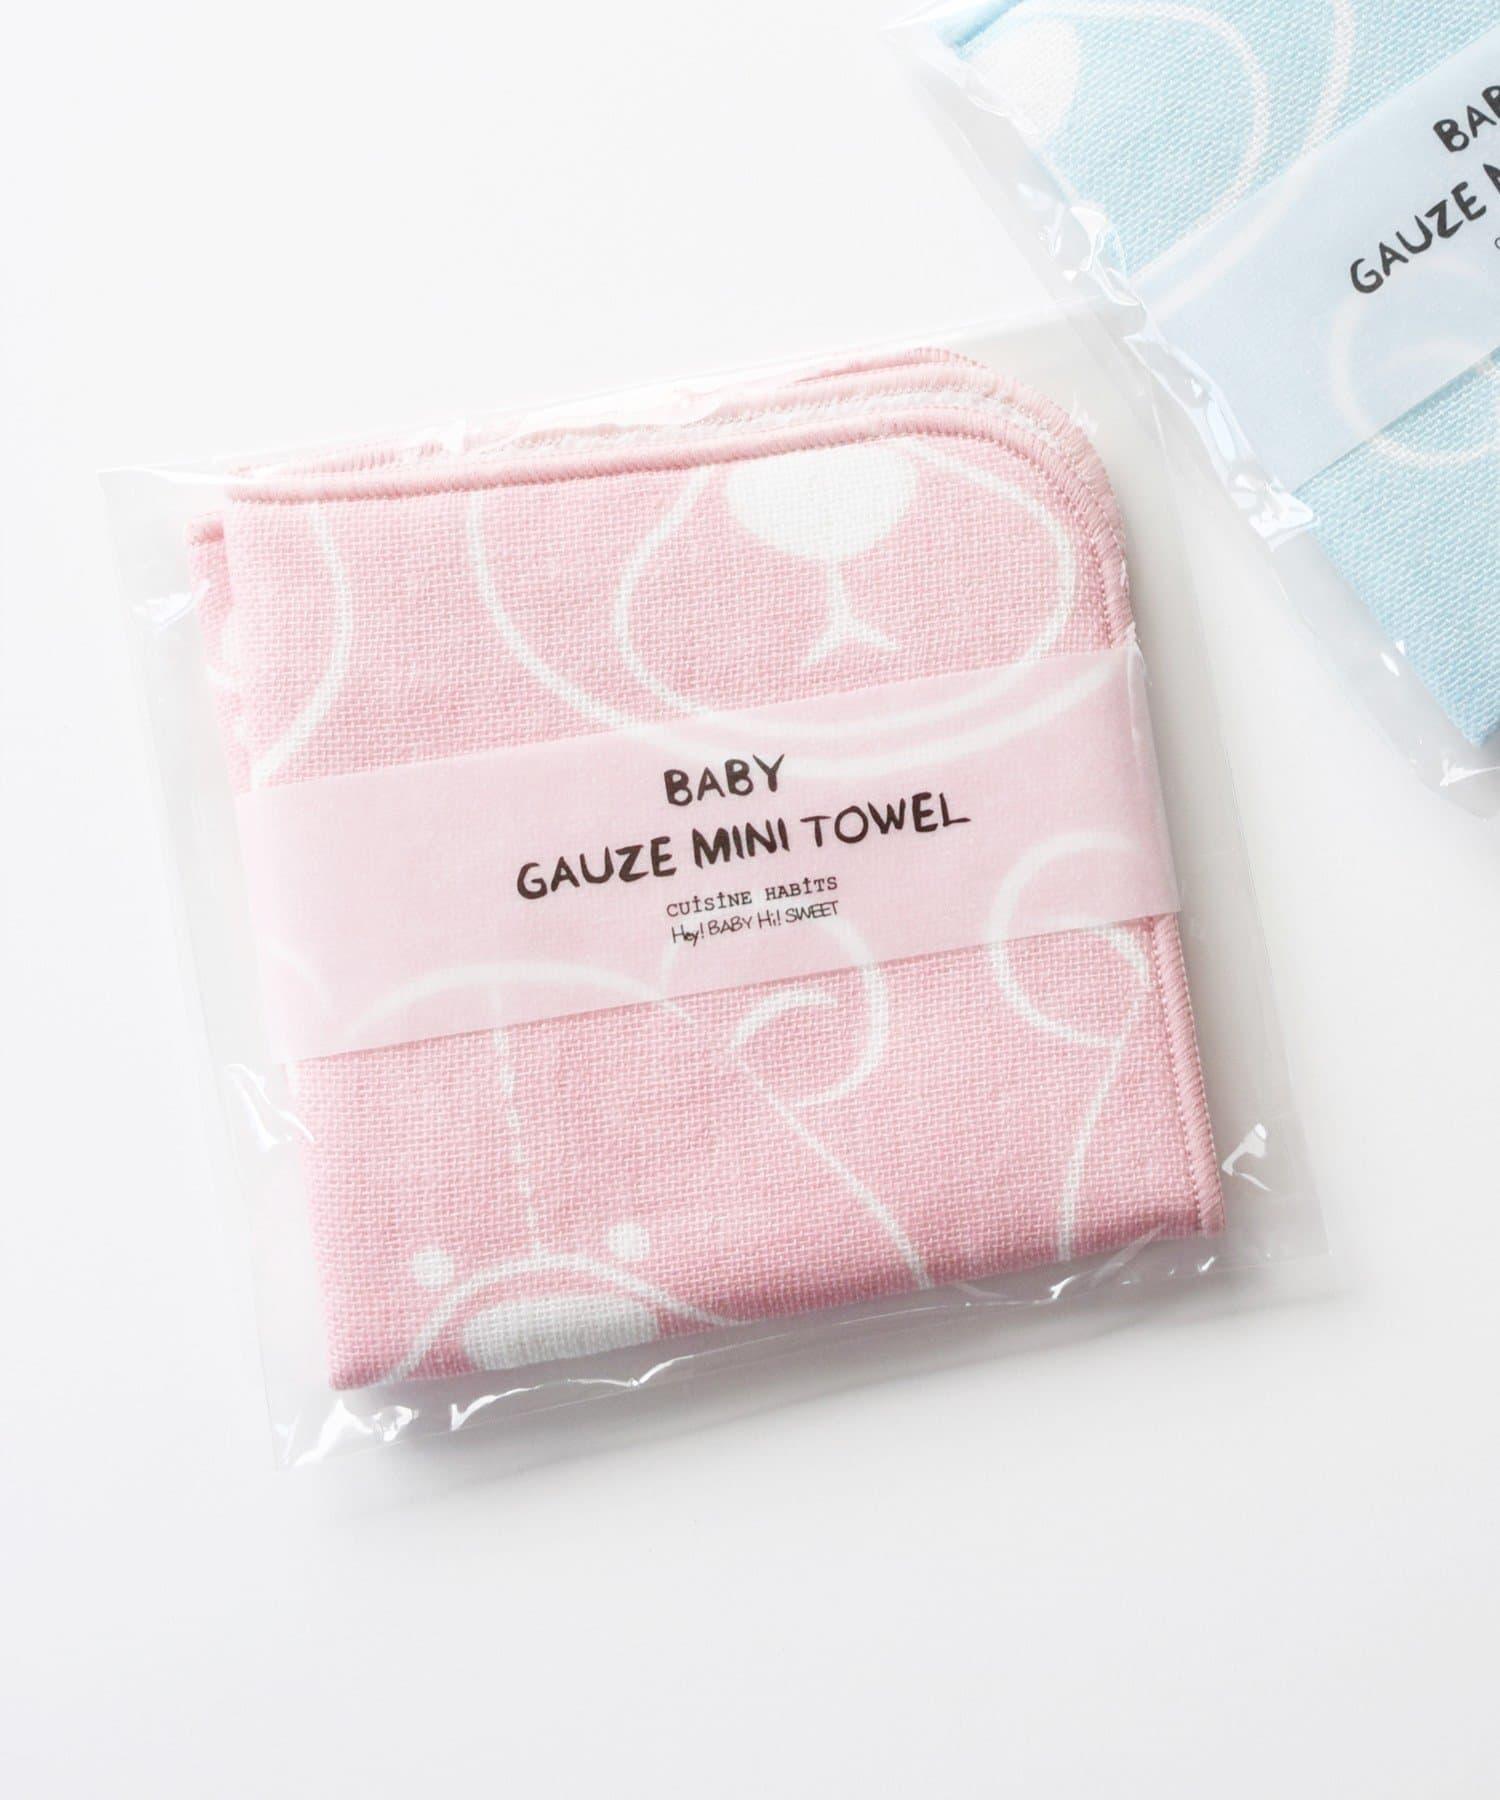 BIRTHDAY BAR(バースデイバー) キッズ BABY ガーゼミニタオル ピンク